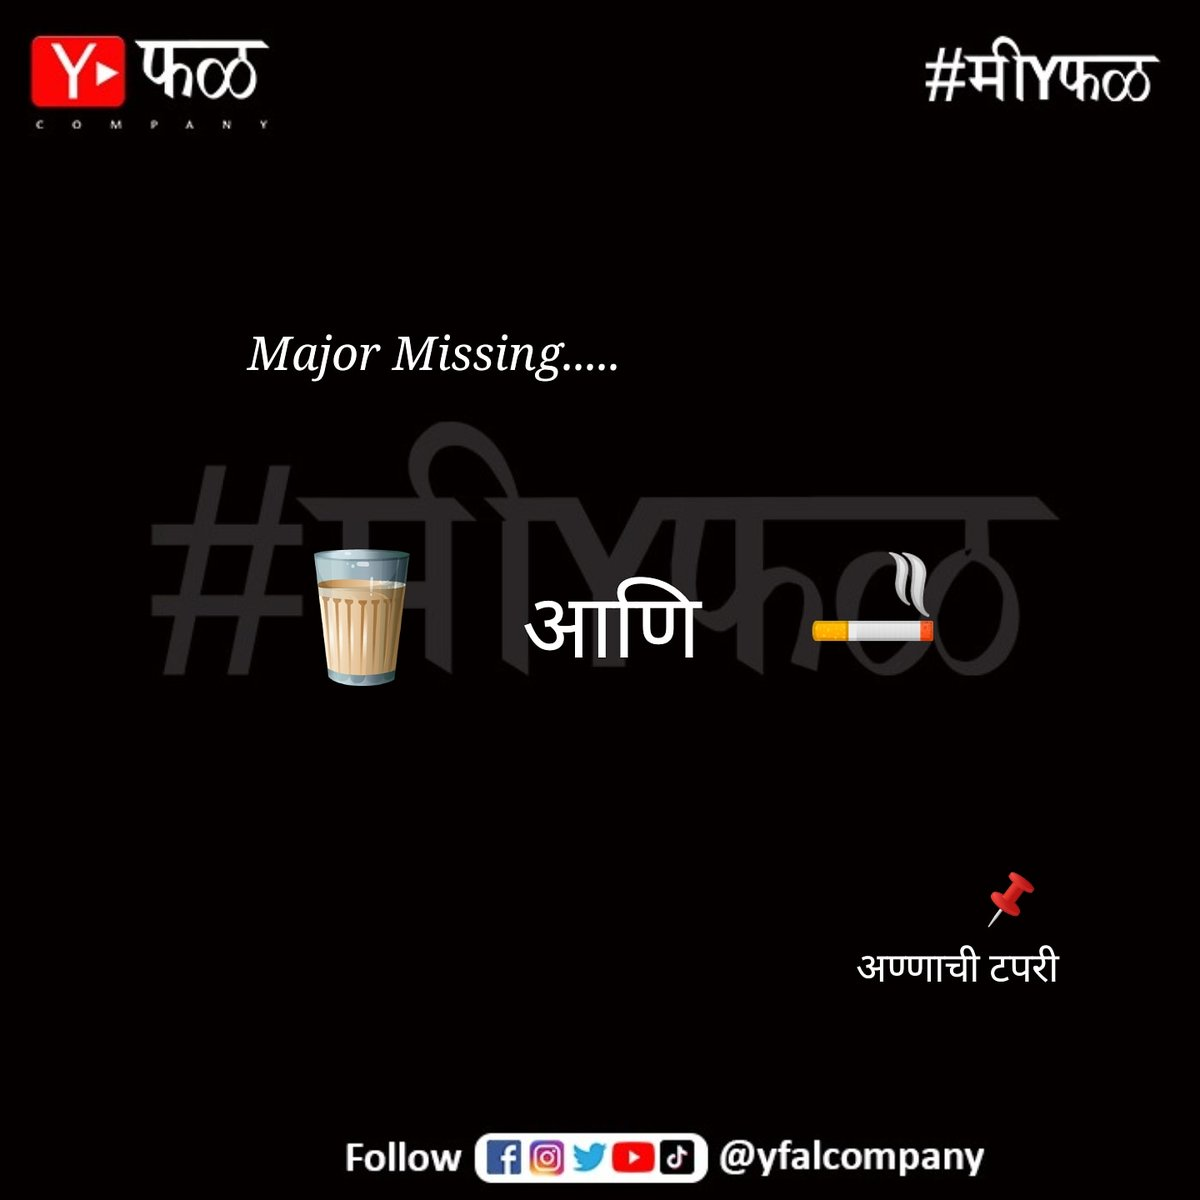 #मीYफळ #chailover #chaha #anytimeisteatime  #YFalCompany @BeYouNick182 #MarathiMemes #memes #marathistatus #marathimulgi #marathijokes #MarathiMemes  #chaisuttapic.twitter.com/ypZFUZWdbO